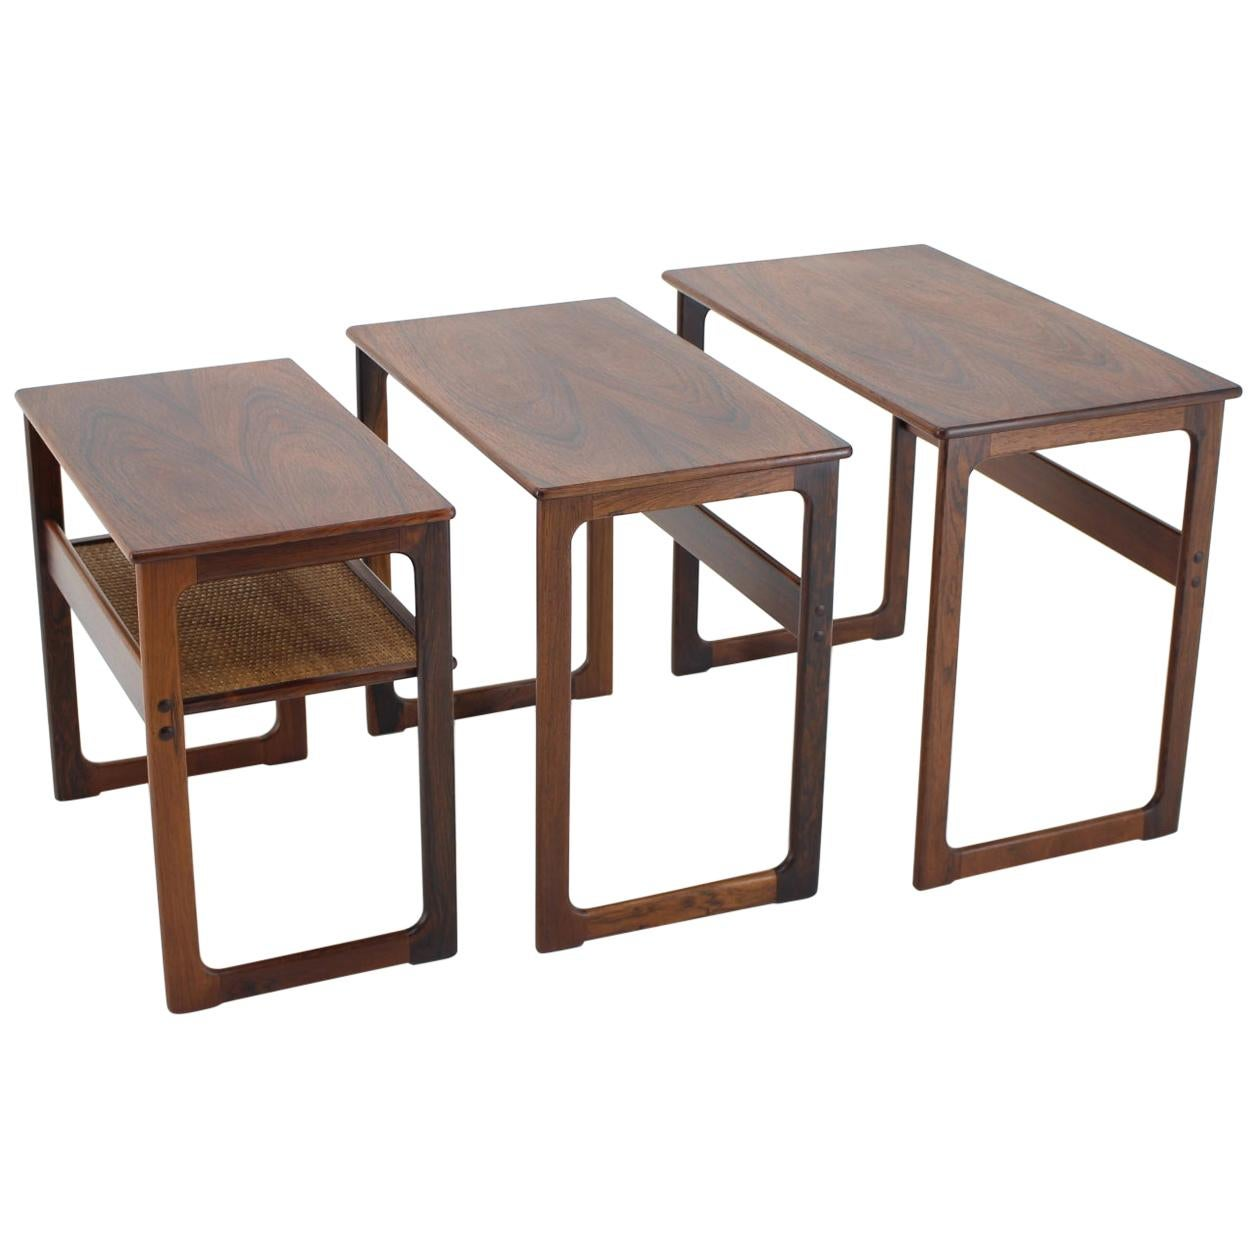 1960s Johannes Andersen Palisander Nesting Tables for CFC Christensen of Silkebo